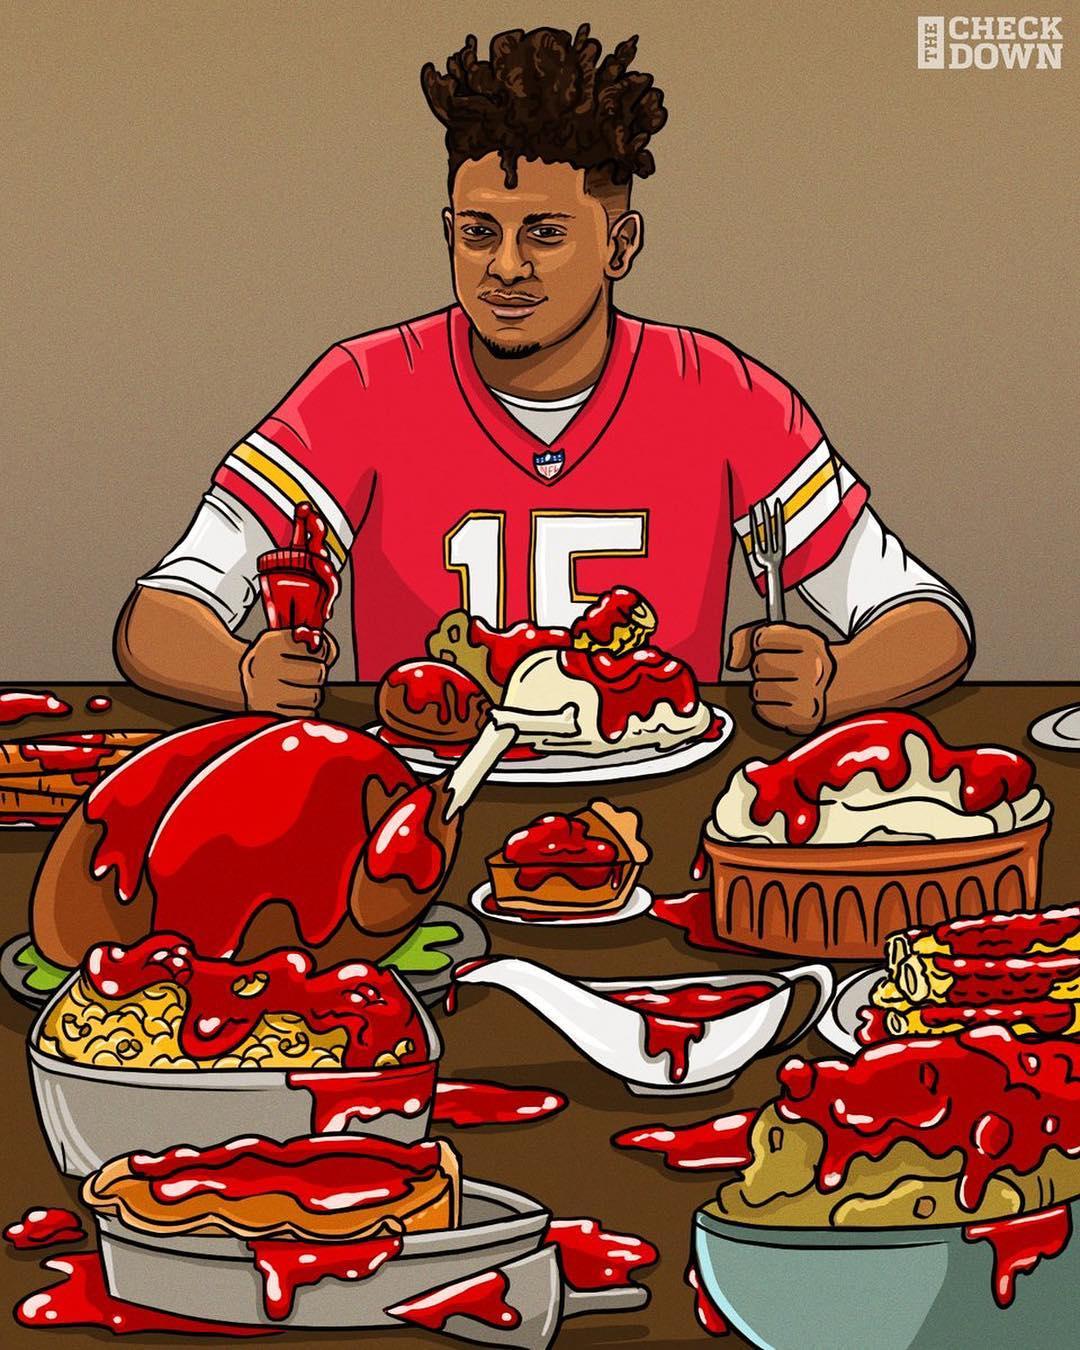 Kansas City Chiefs quarterback Patrick Mahomes (who's a major fan of ketchup) feasting at Thanksgiving.